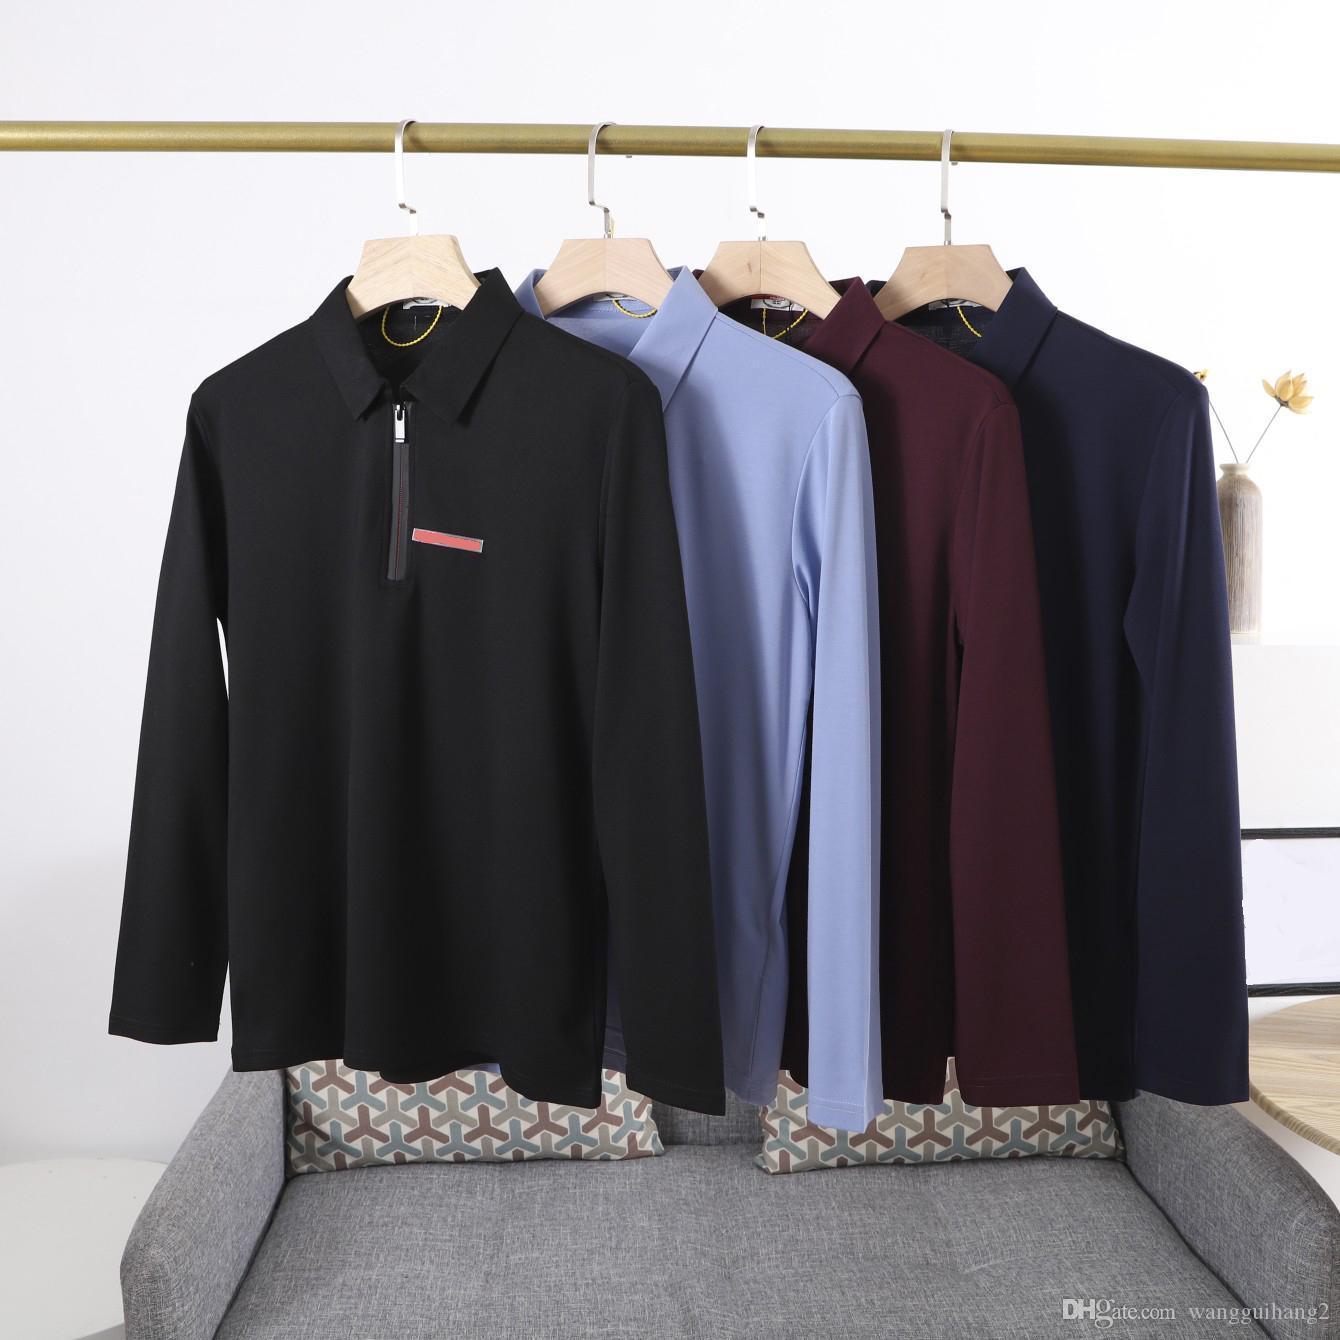 21SS Erkekler Polos Klasik Rahat T Shirt Erkek Terry Yakışıklı Gevşek Sürüm Kesme Süreci Kısa Kollu Moda Tasarım Yaka Ithal TenC